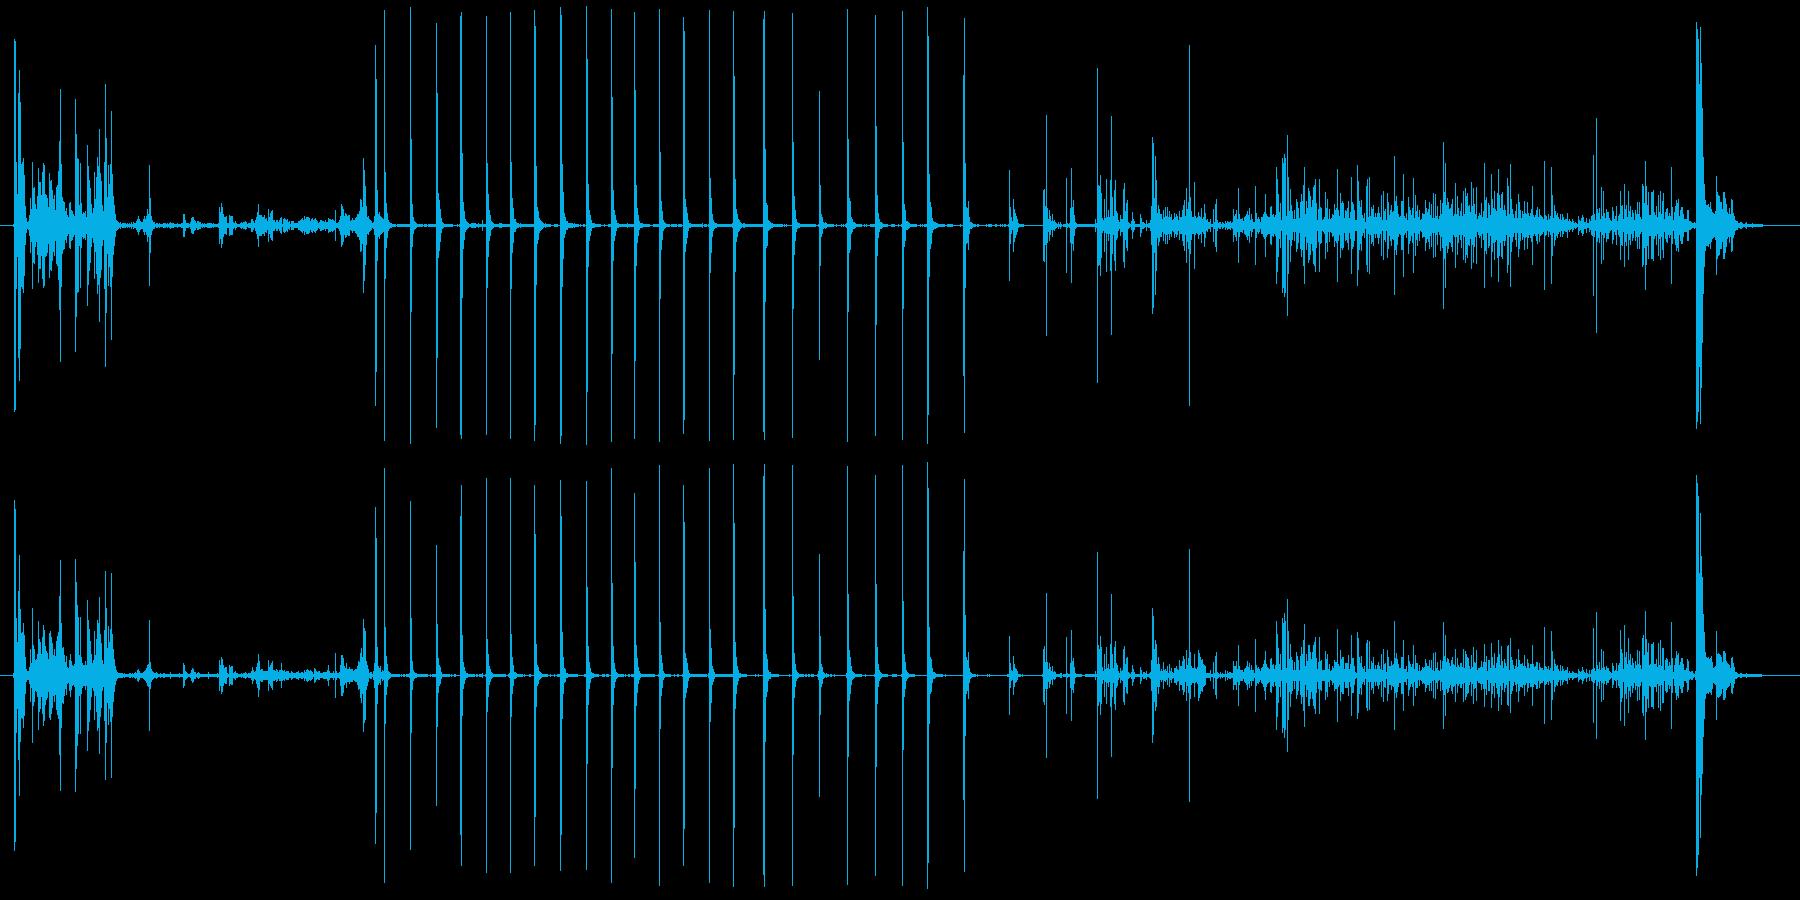 バレルメーカー03;バレルメーカー...の再生済みの波形